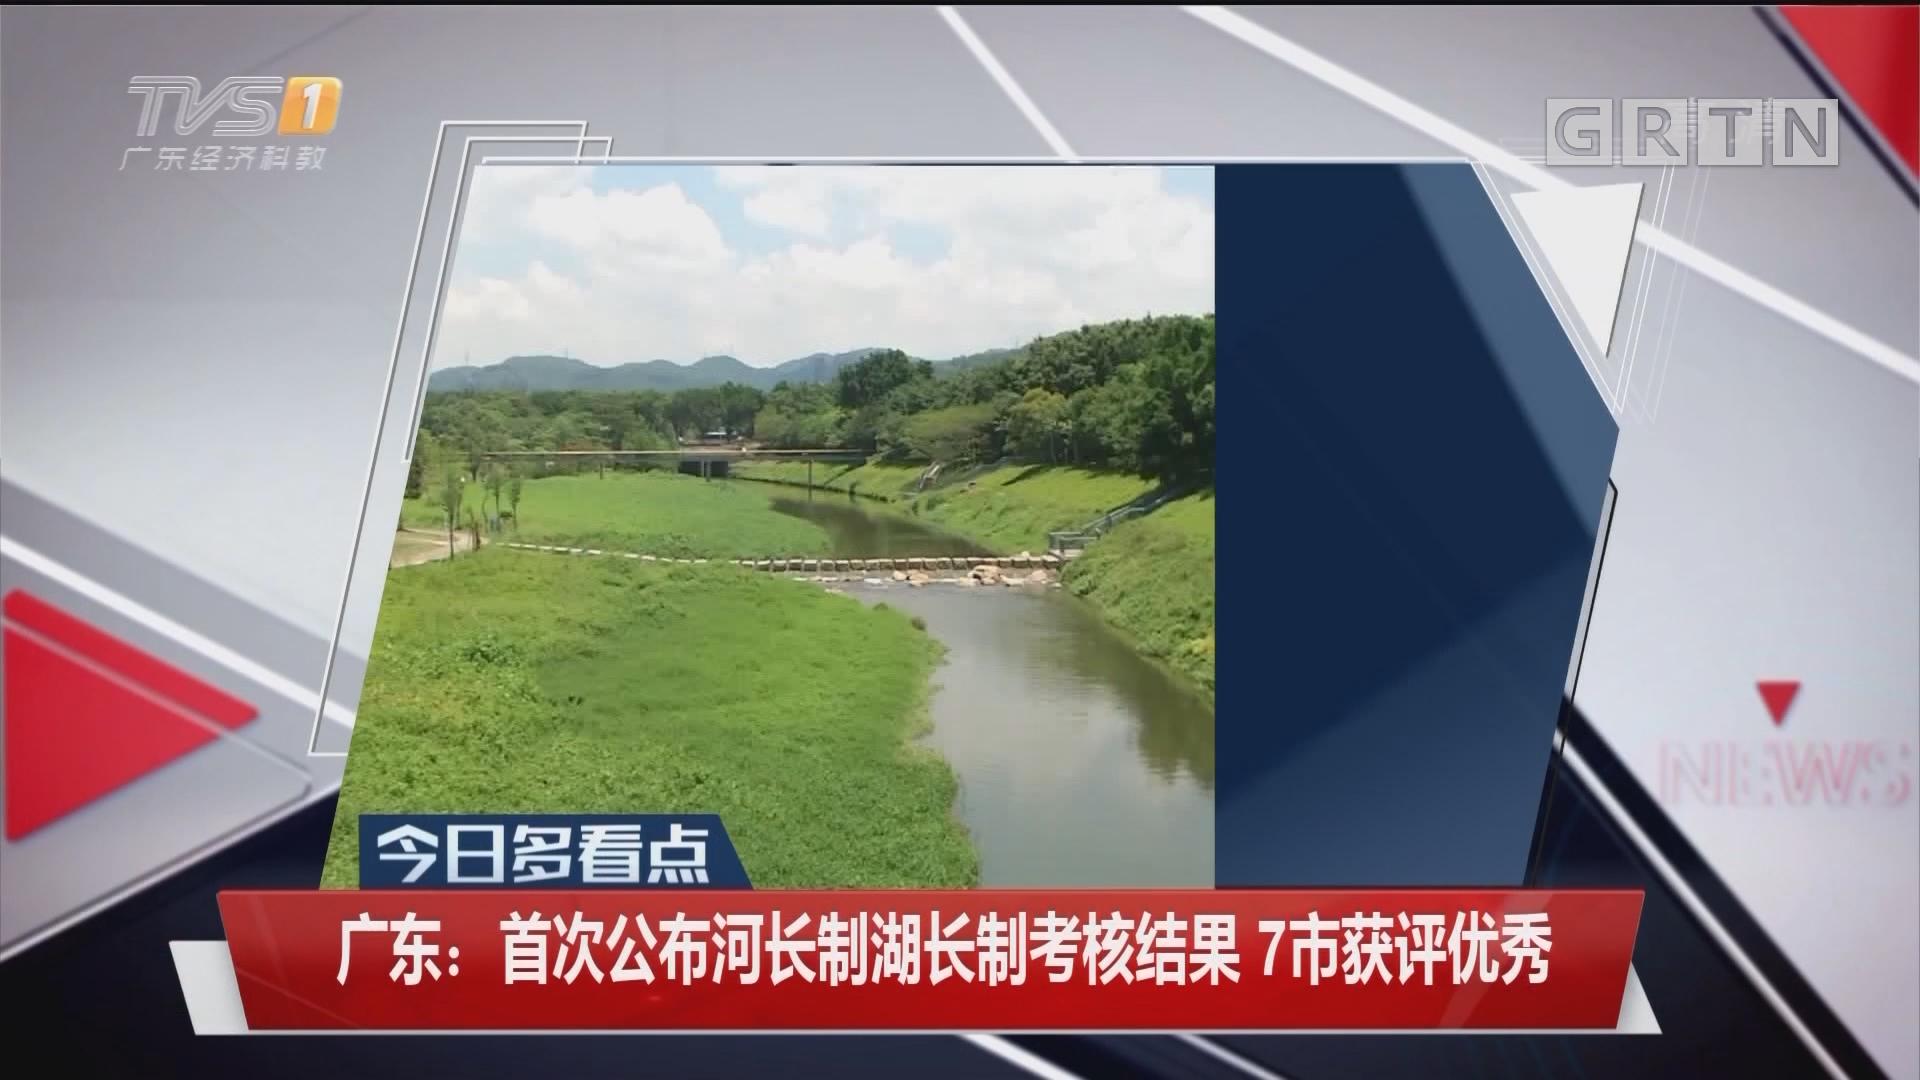 广东:首次公布河长制湖长制考核结果 7市获评优秀